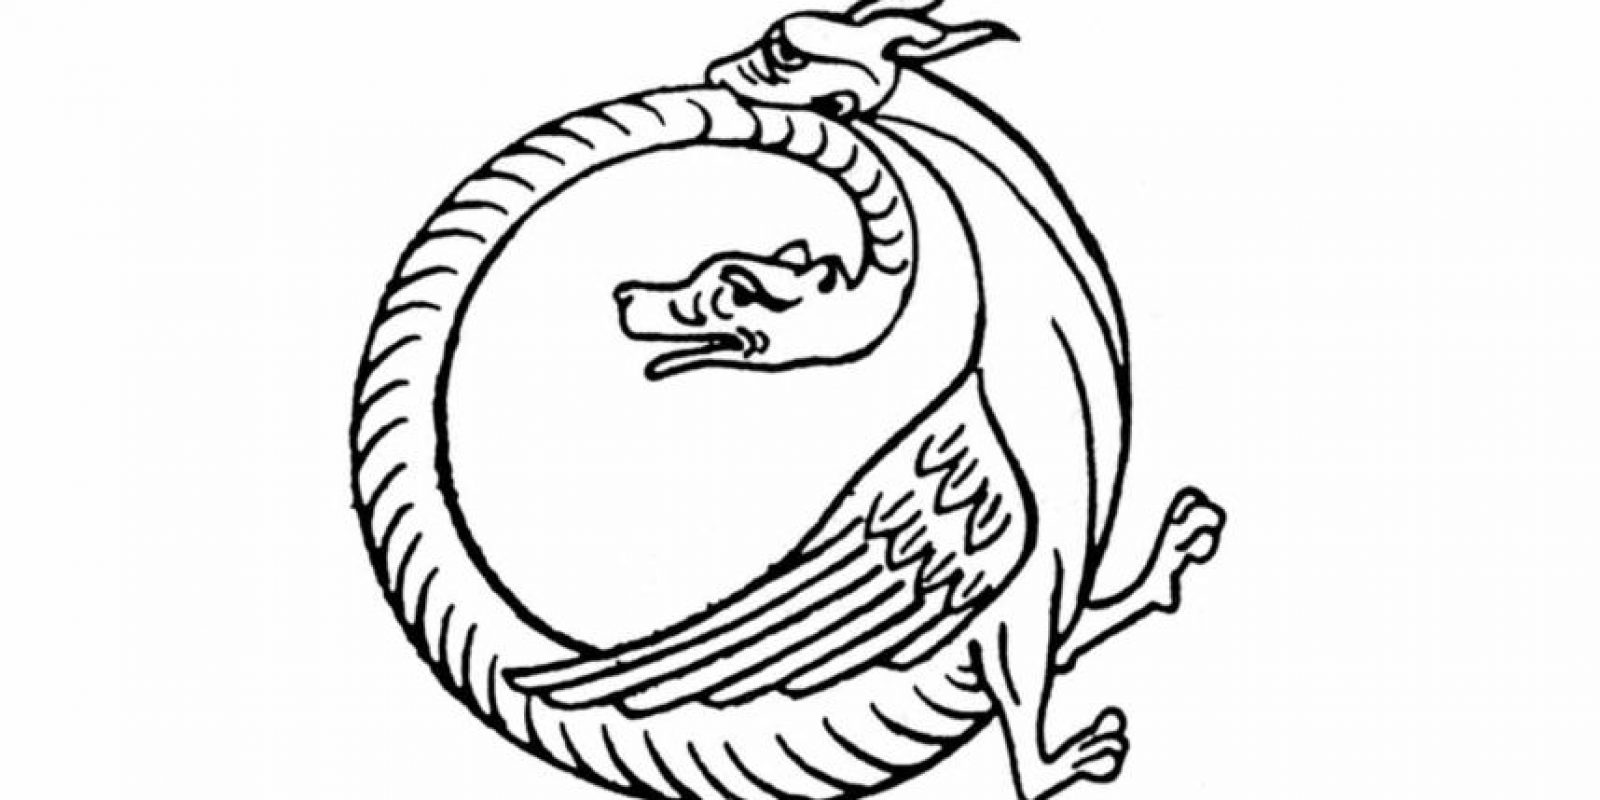 Esta figura simboliza el ciclo eterno de las cosas. Foto:Wikimedia. Imagen Por: